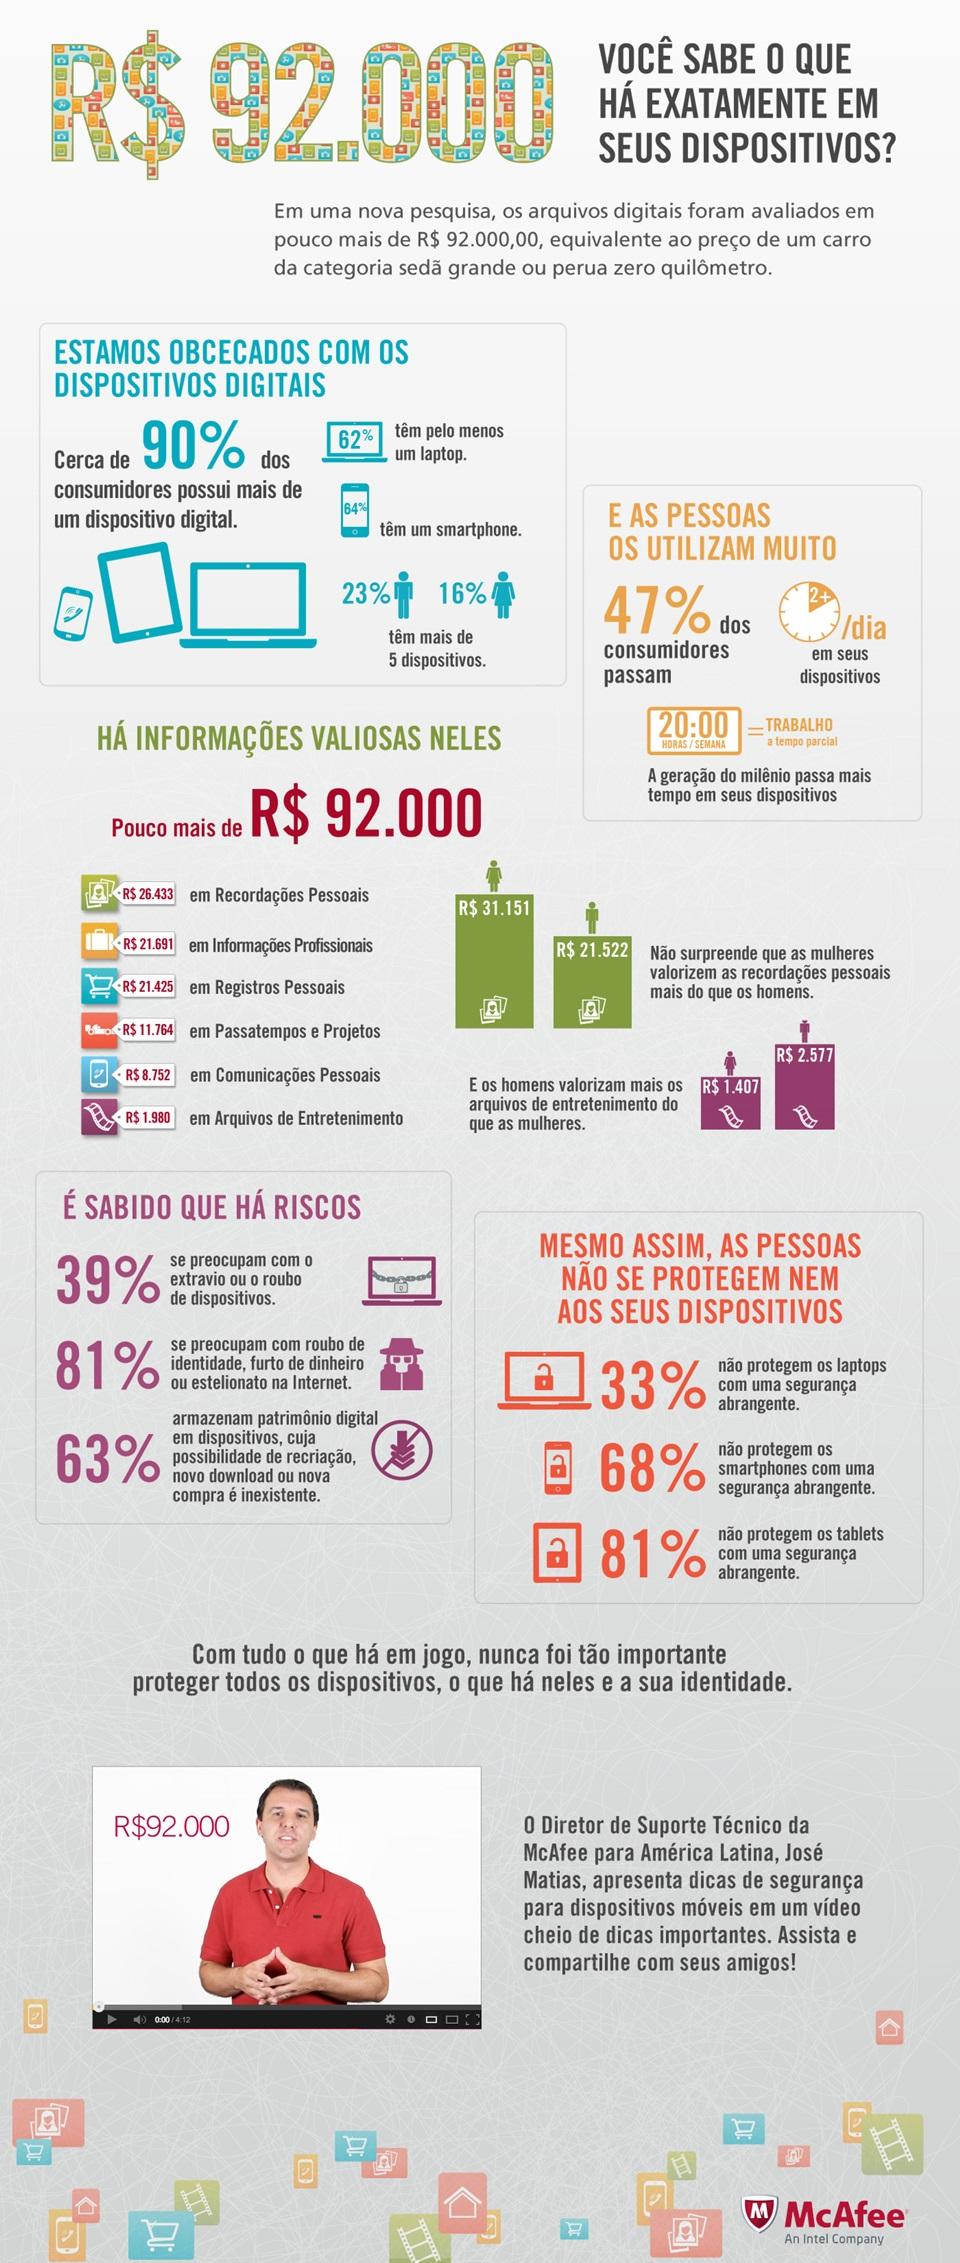 Os brasileiros protegem os seus dados móveis? [infográfico]